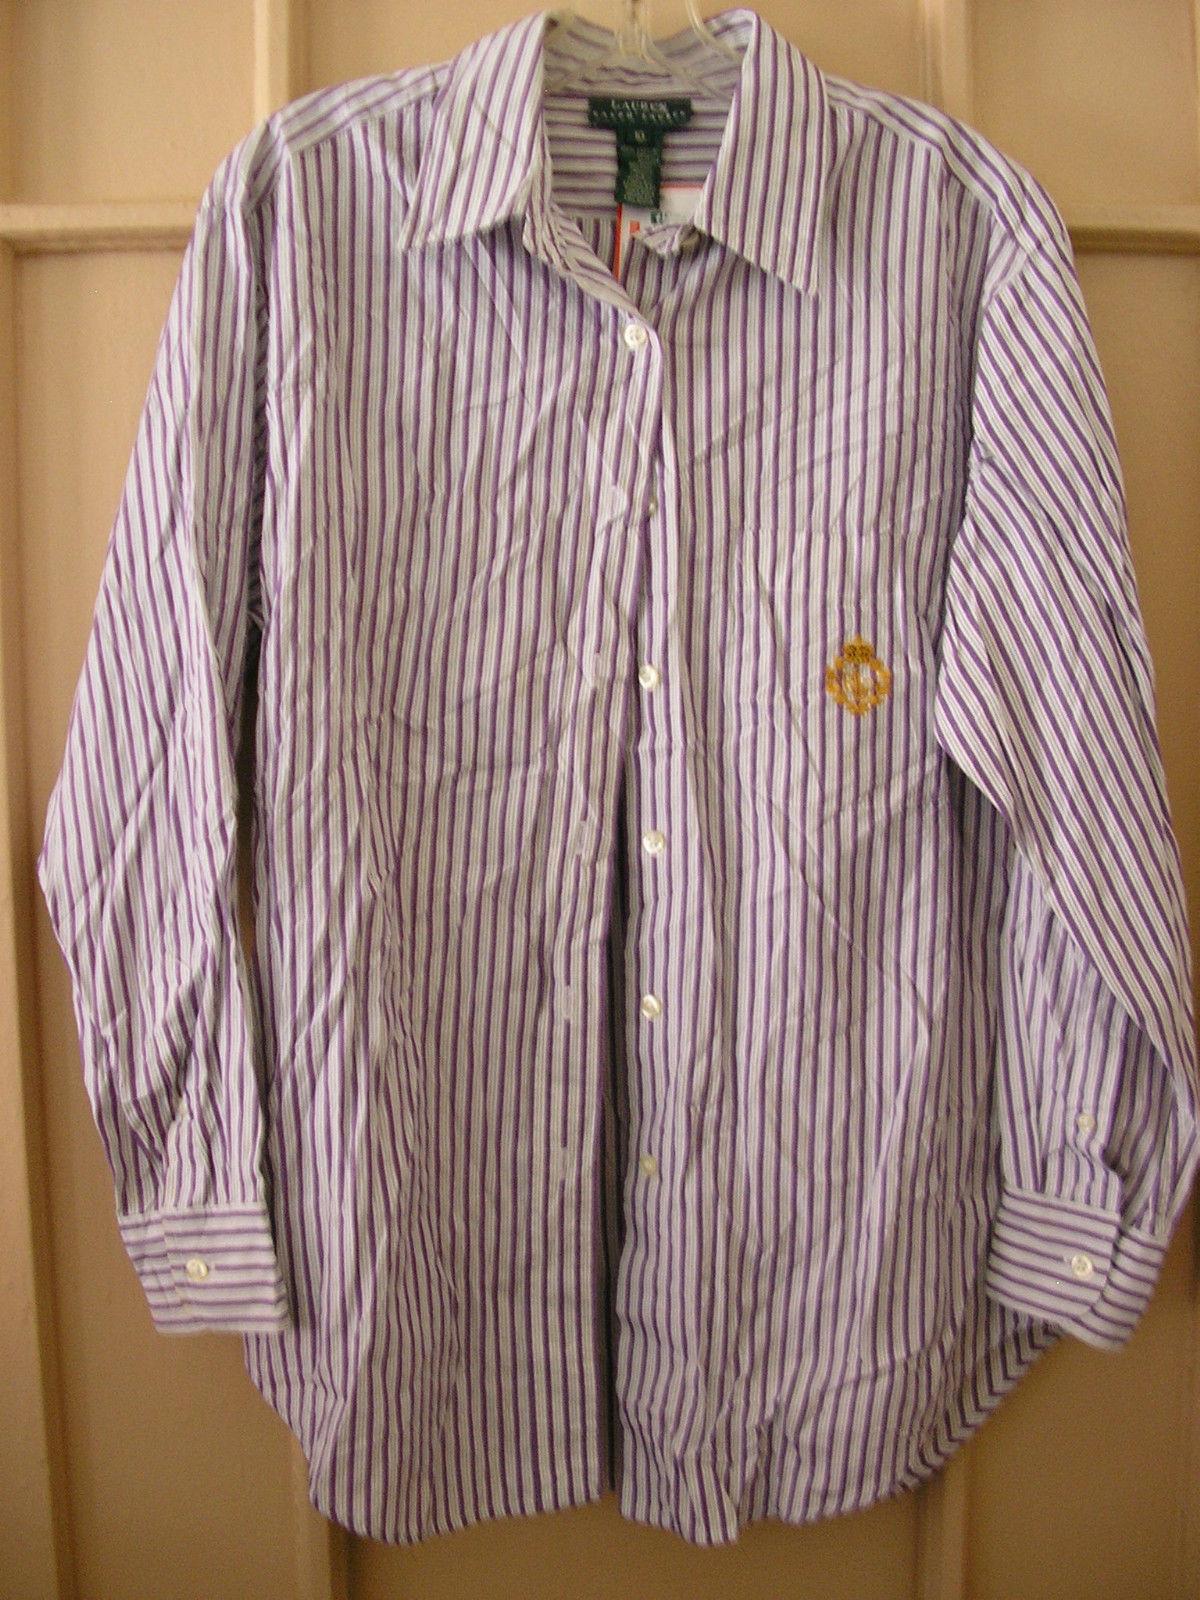 ralph lauren classic purple white stripes preppy button down shirt size 10 large